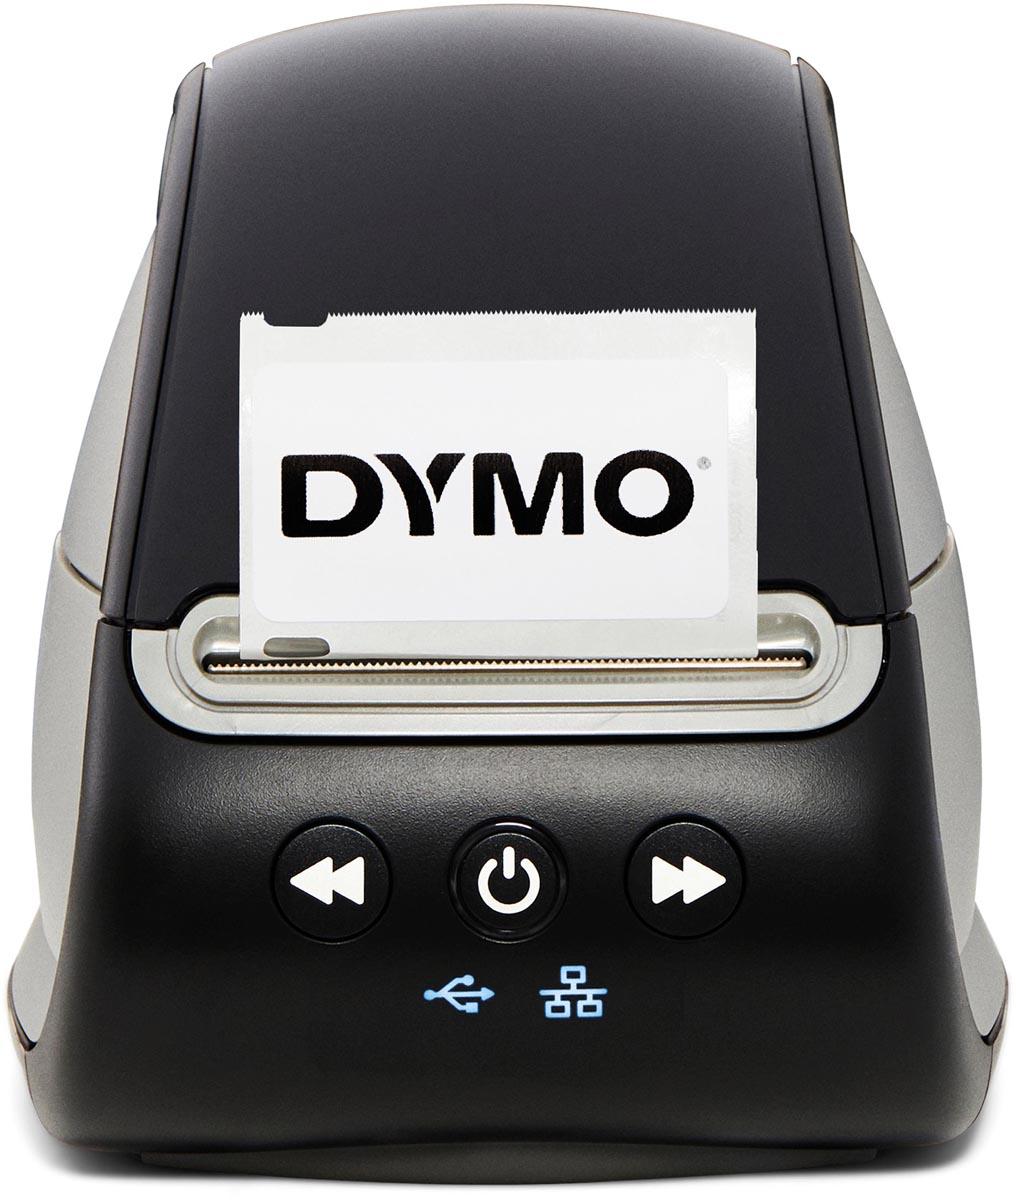 Dymo beletteringsysteem LabelWriter 550 Turbo